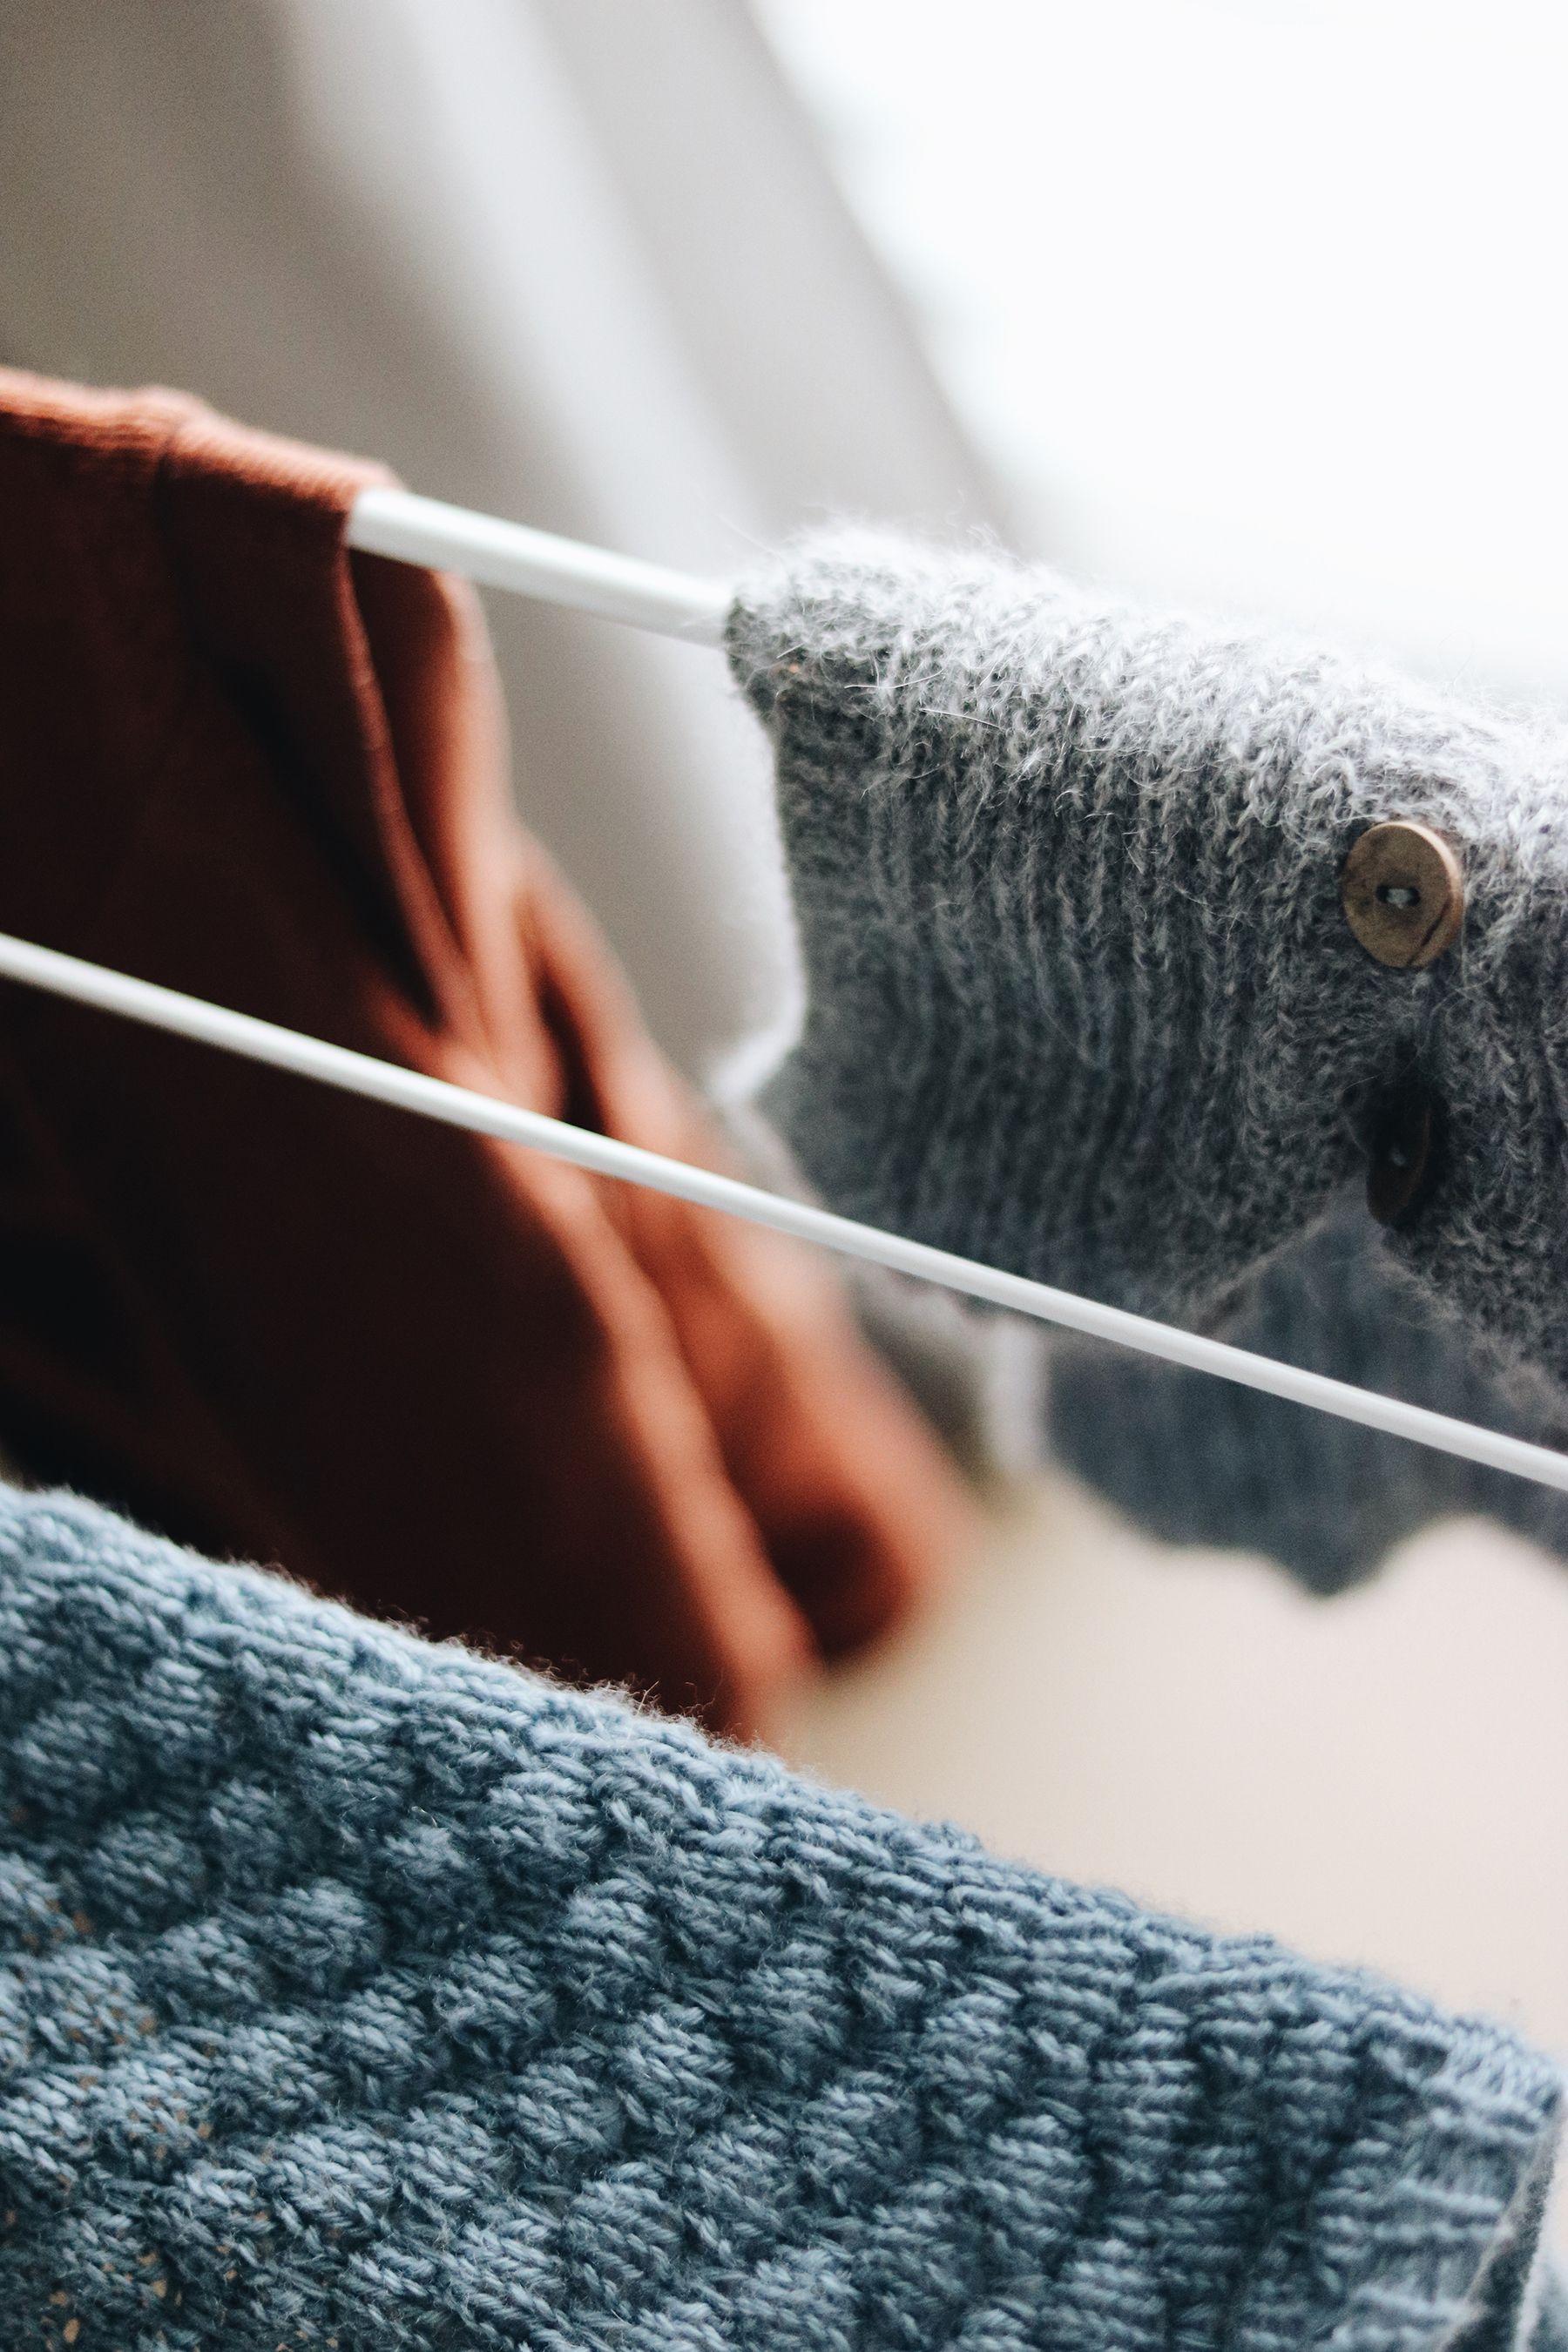 Wollkleidung für Kinder - Tipps zur einfachen Pflege | für Kinder ...